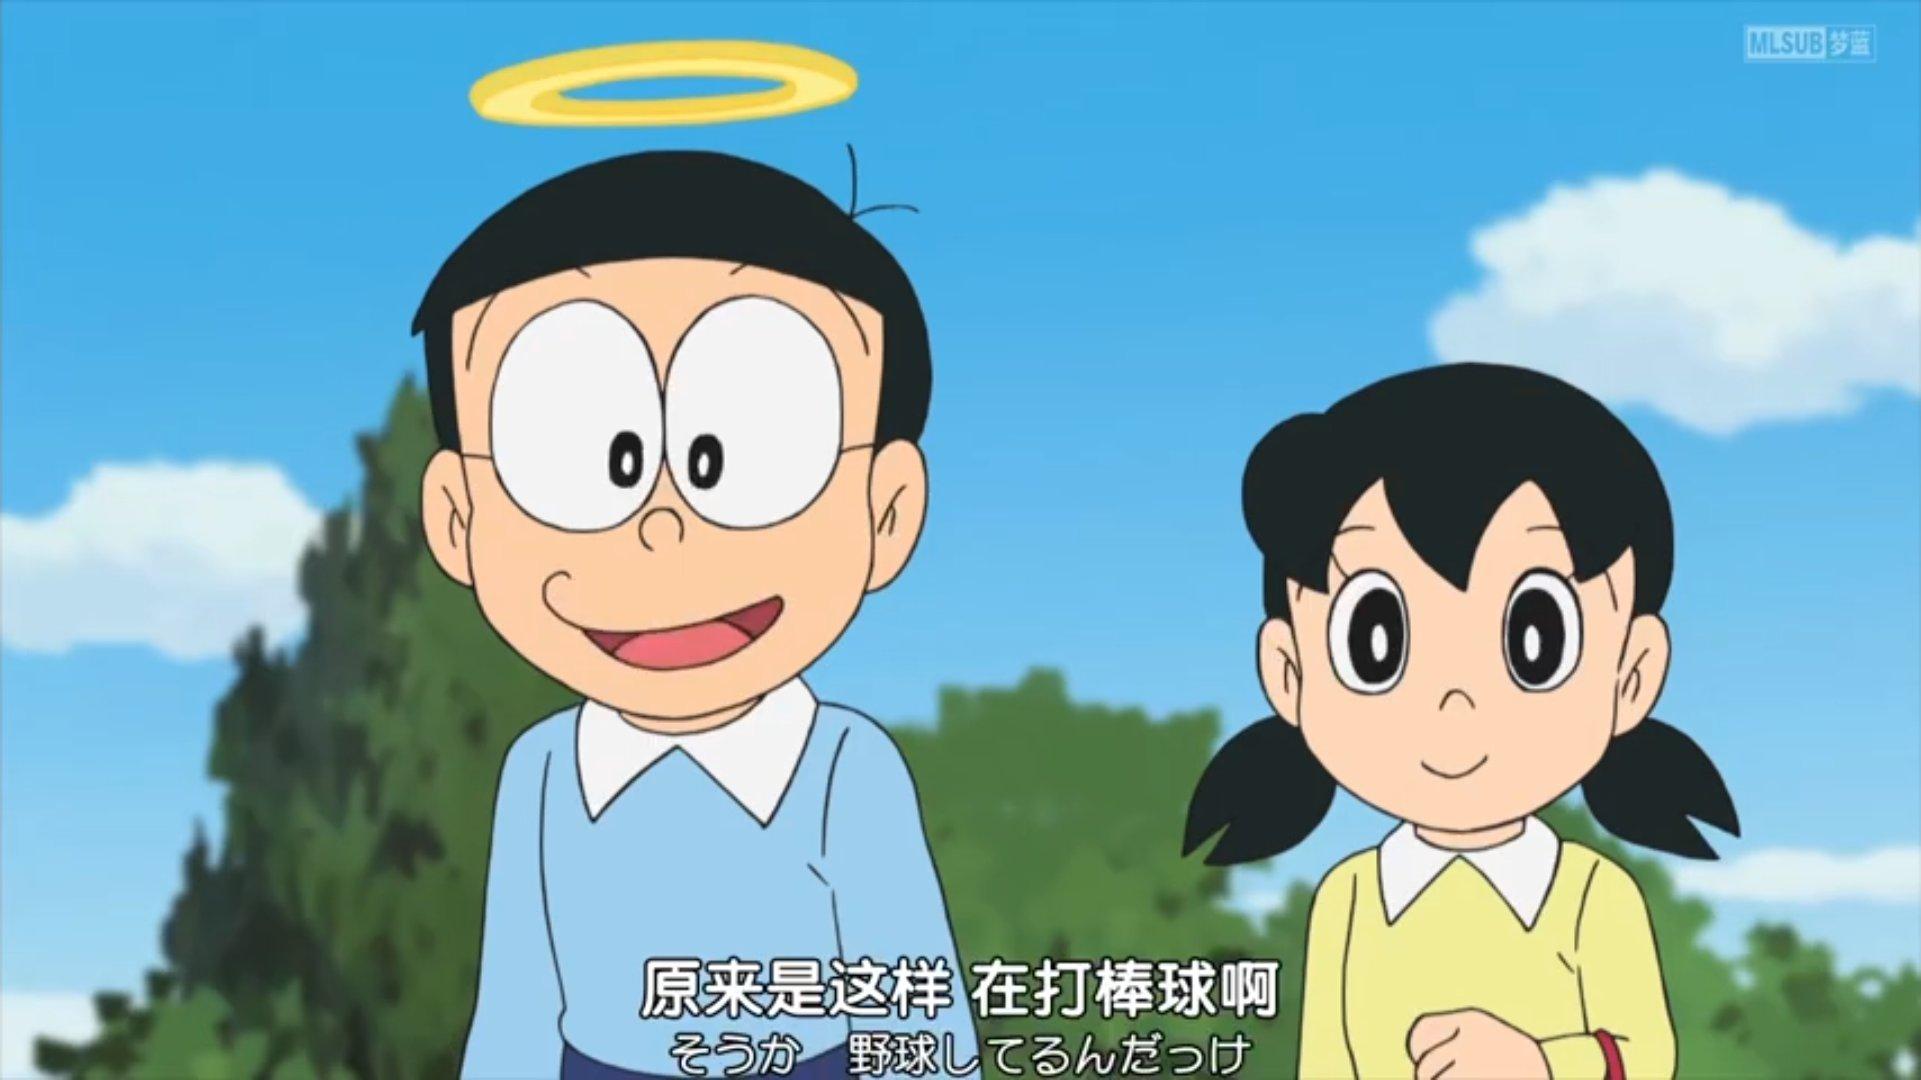 【视频】哆啦A梦:大雄无论说什么,大家都会热泪盈眶